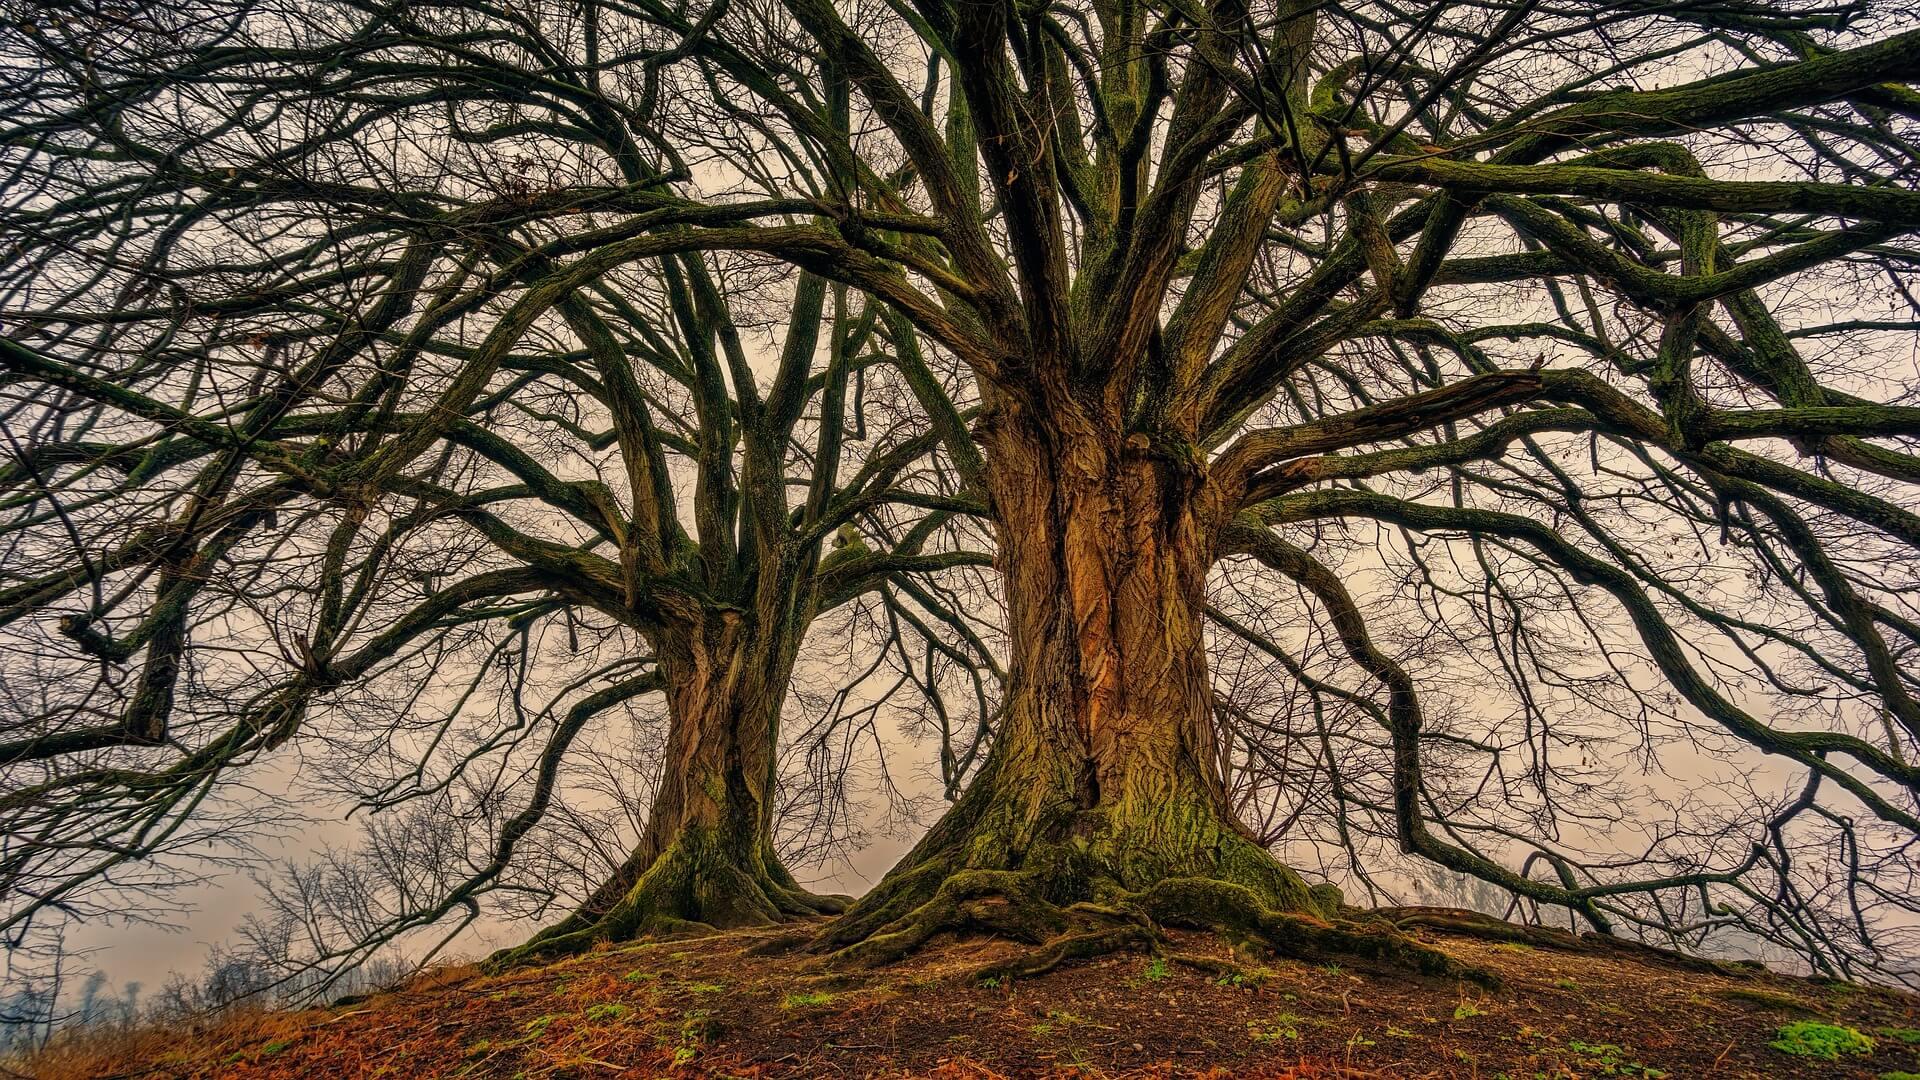 """Baum mit Ästen. Symbolbild zum Thema """"gehorchen"""""""